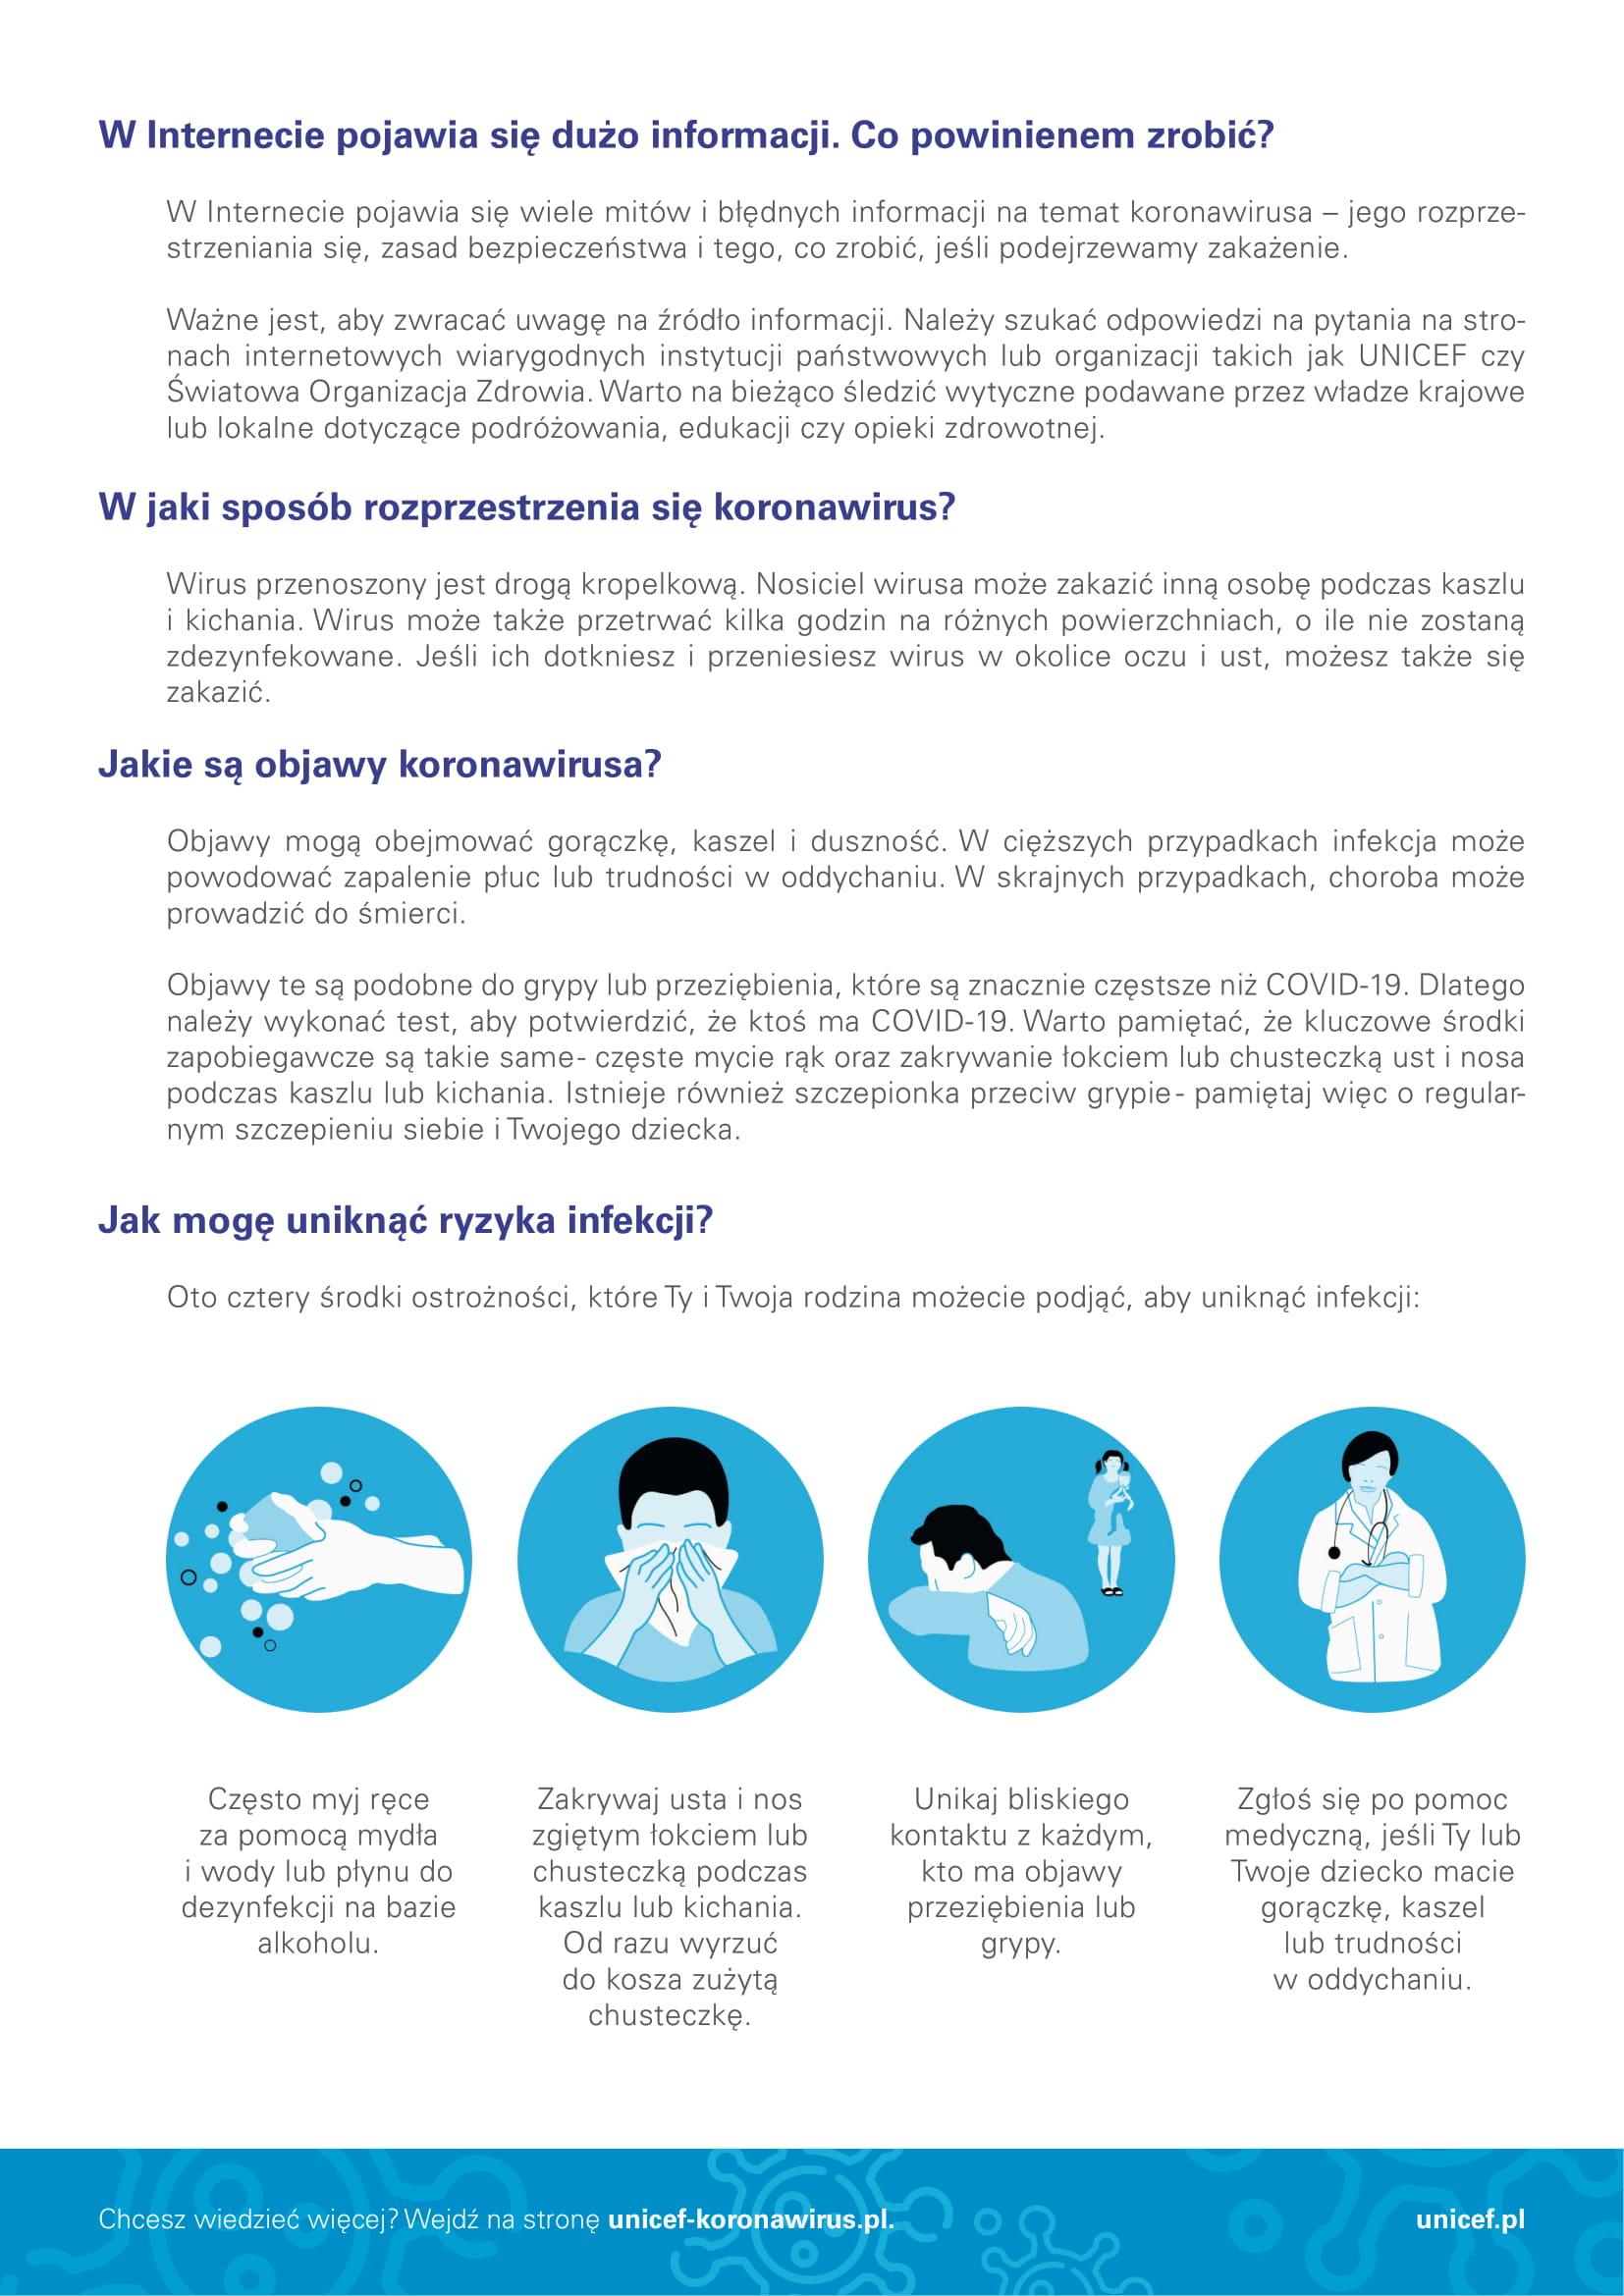 Choroba_wywolana_koronawirusem_UNICEF-2-2